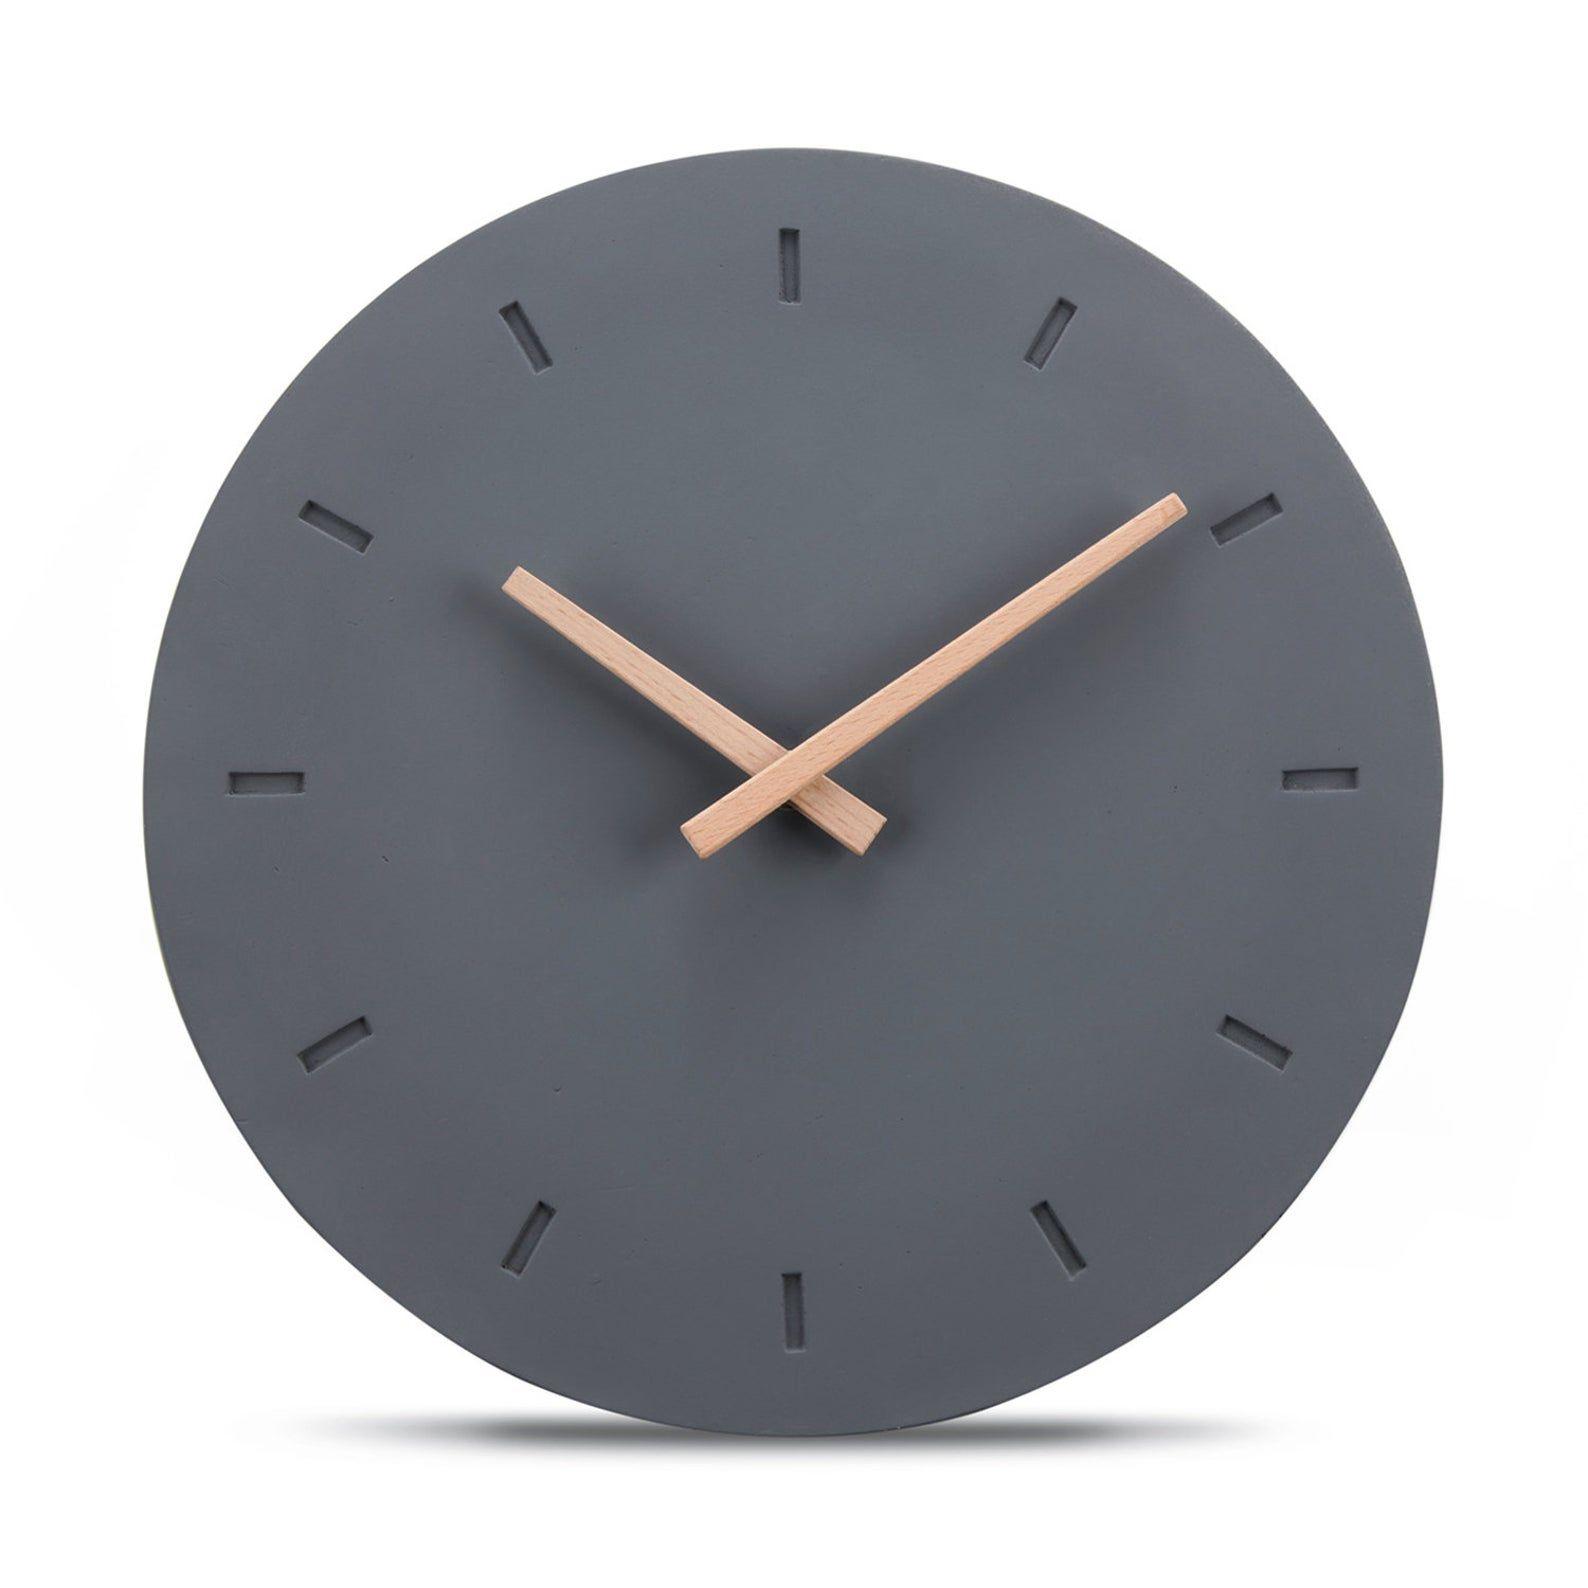 Cander Berlin Mnu 6130 G Concrete Wall Clock Silently Silent Cement Concrete Clock 30 5 Cm Wanduhr Schwarze Wanduhren Uhrideen